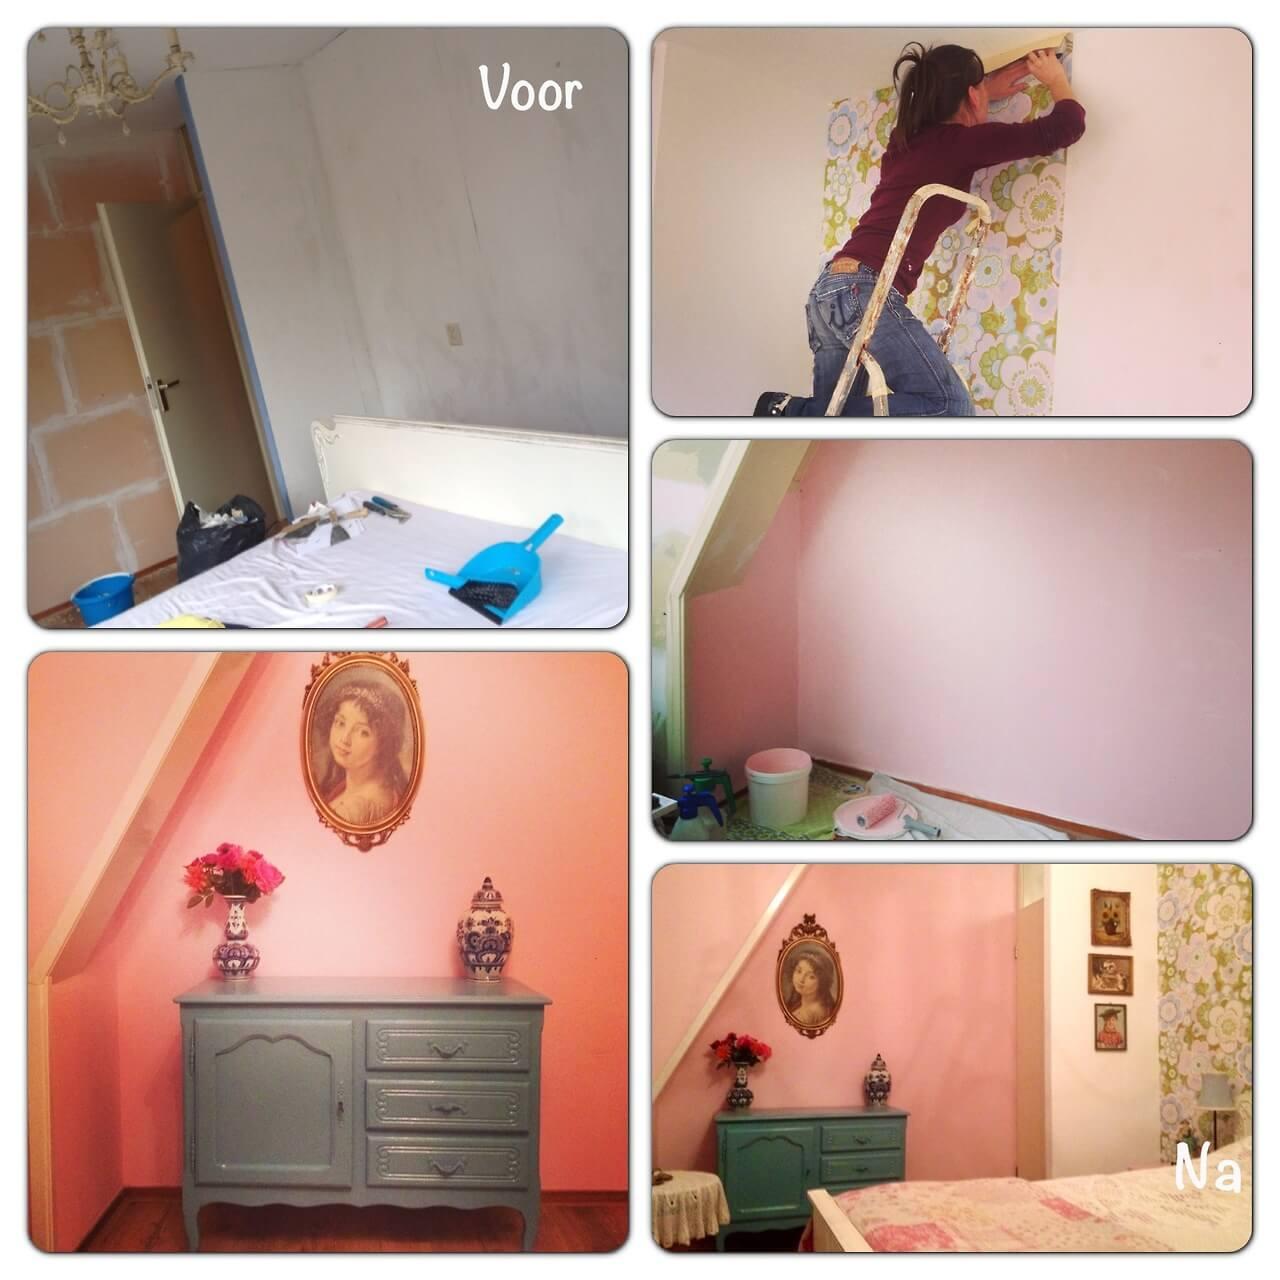 retro slaapkamer lampen : vintage slaapkamer stijlen Koop Goedkope ...